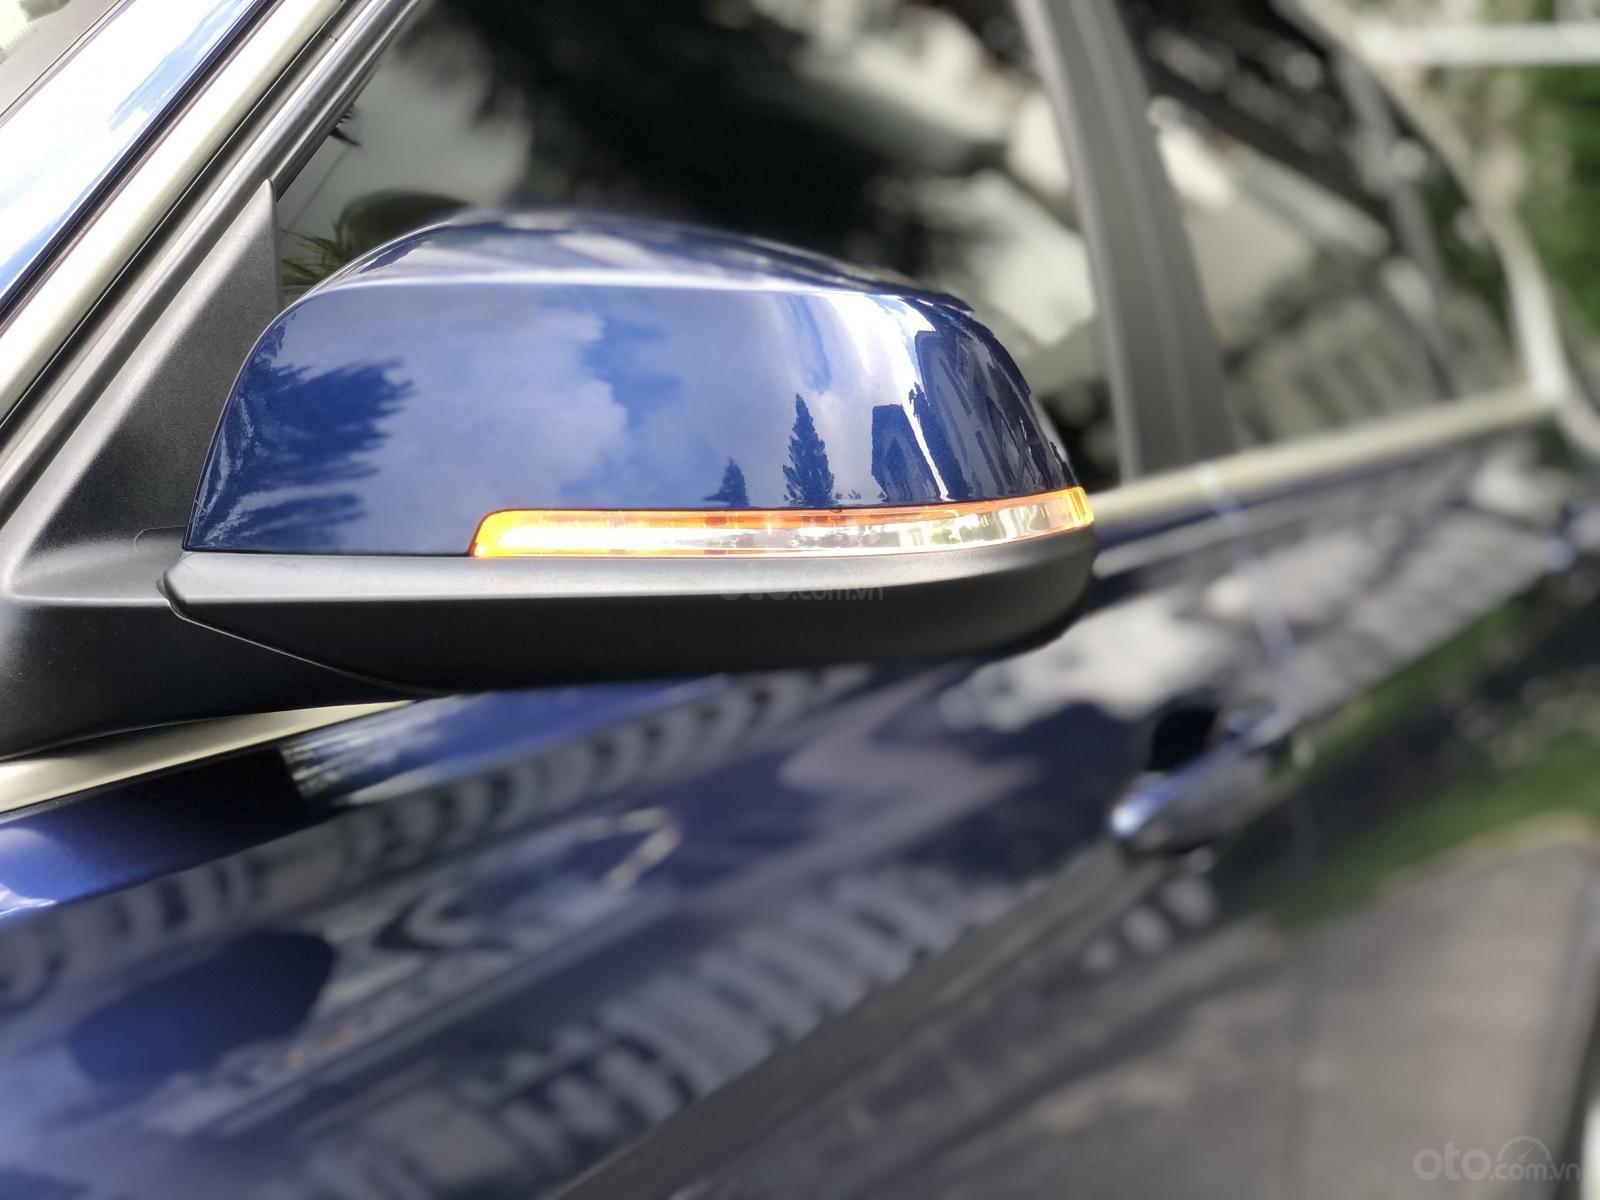 Bán BMW 3 Series năm 2016, màu xanh lam mới 95% giá chỉ 1 tỷ 139 triệu đồng (4)